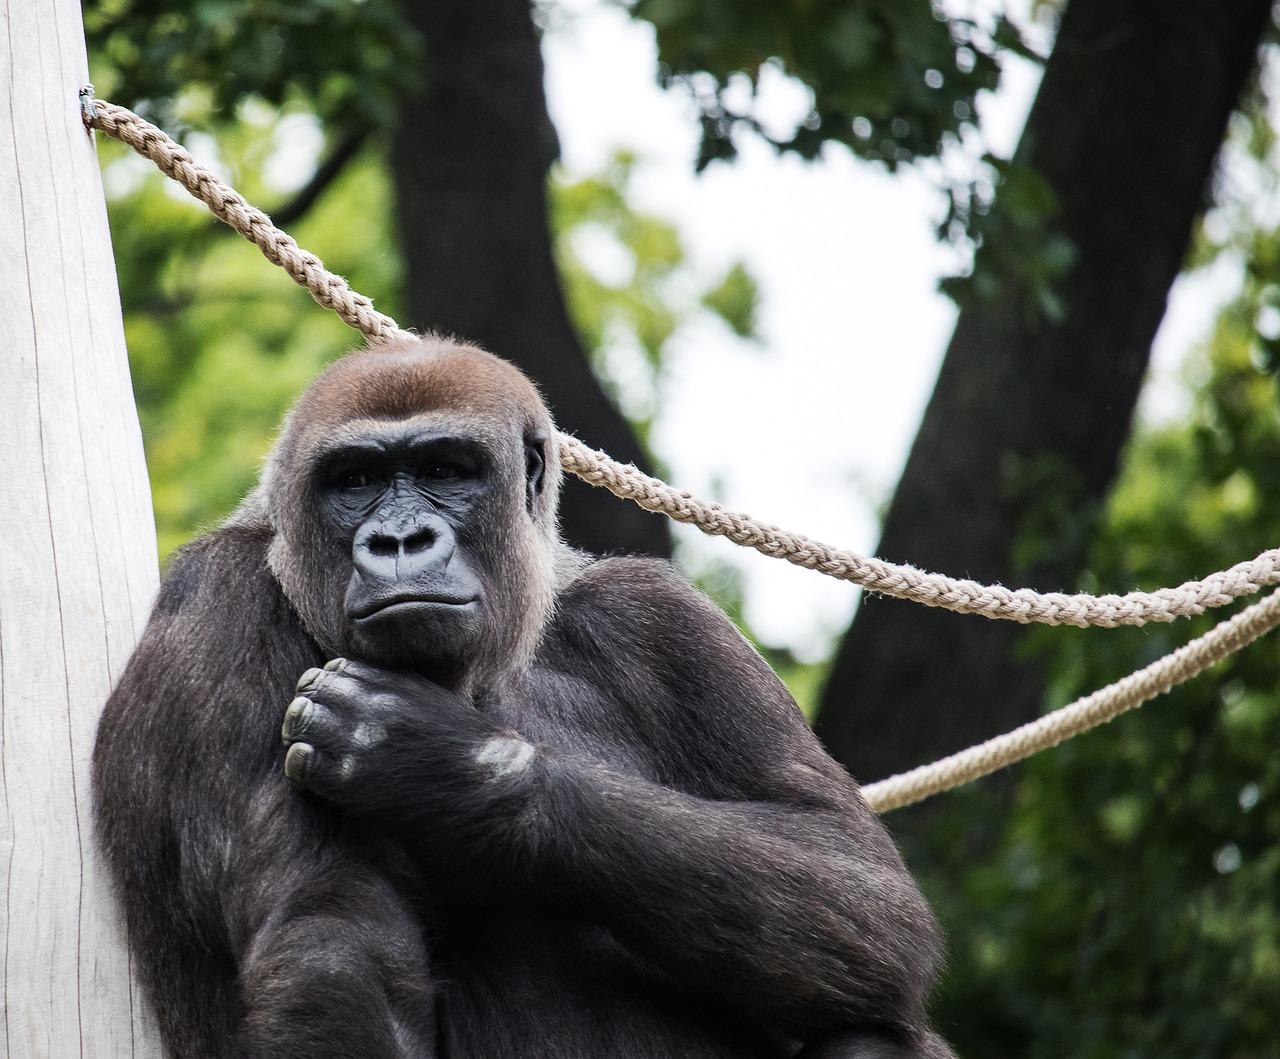 картинки обезьяны горилы механизма